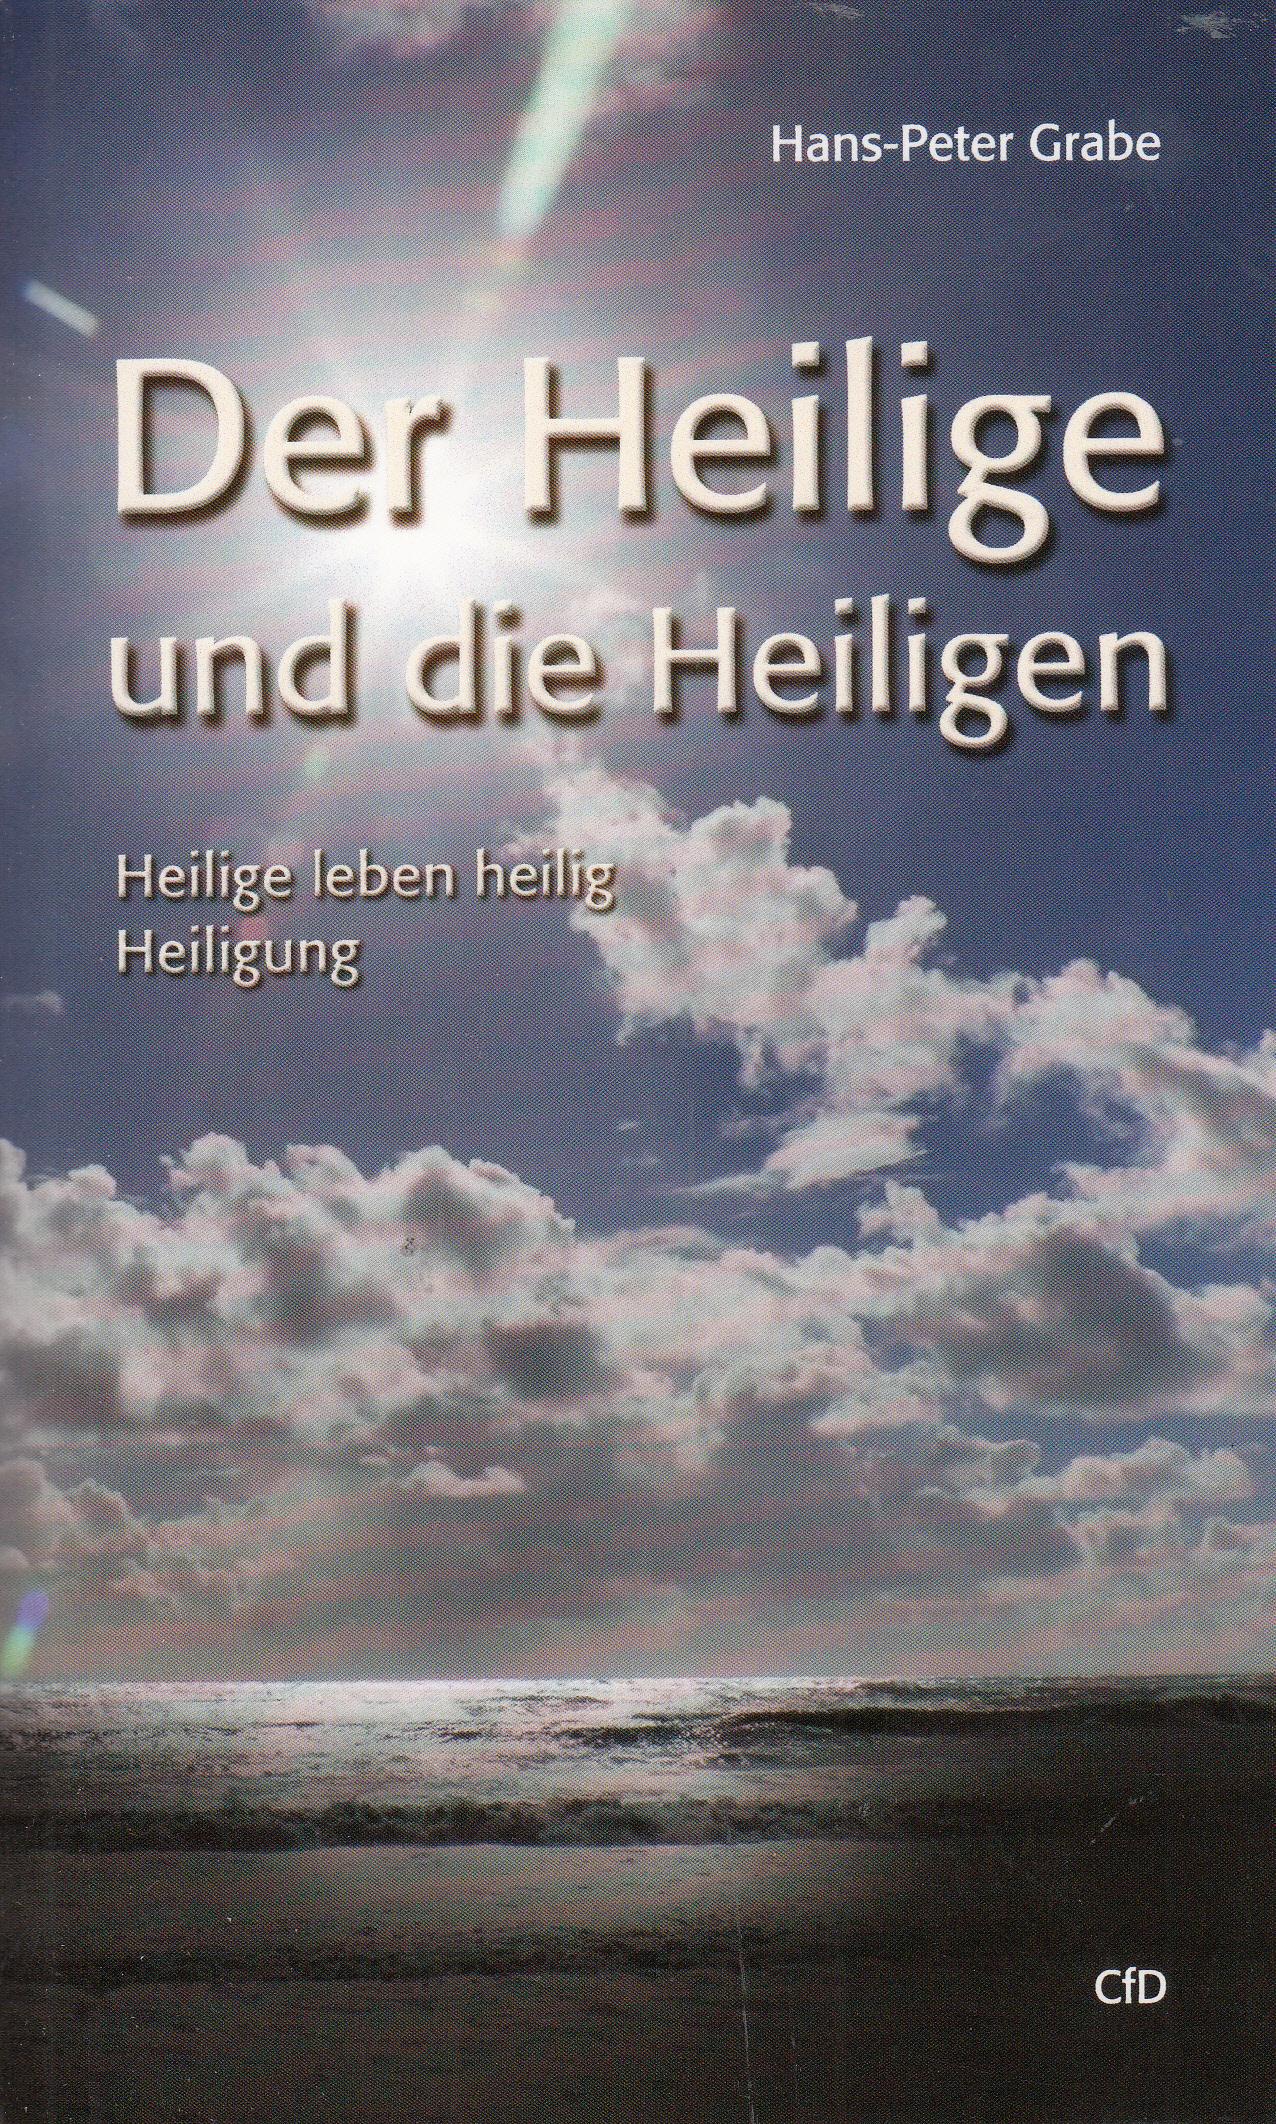 Der Heilige und die Heiligen   Hans-Peter Grabe